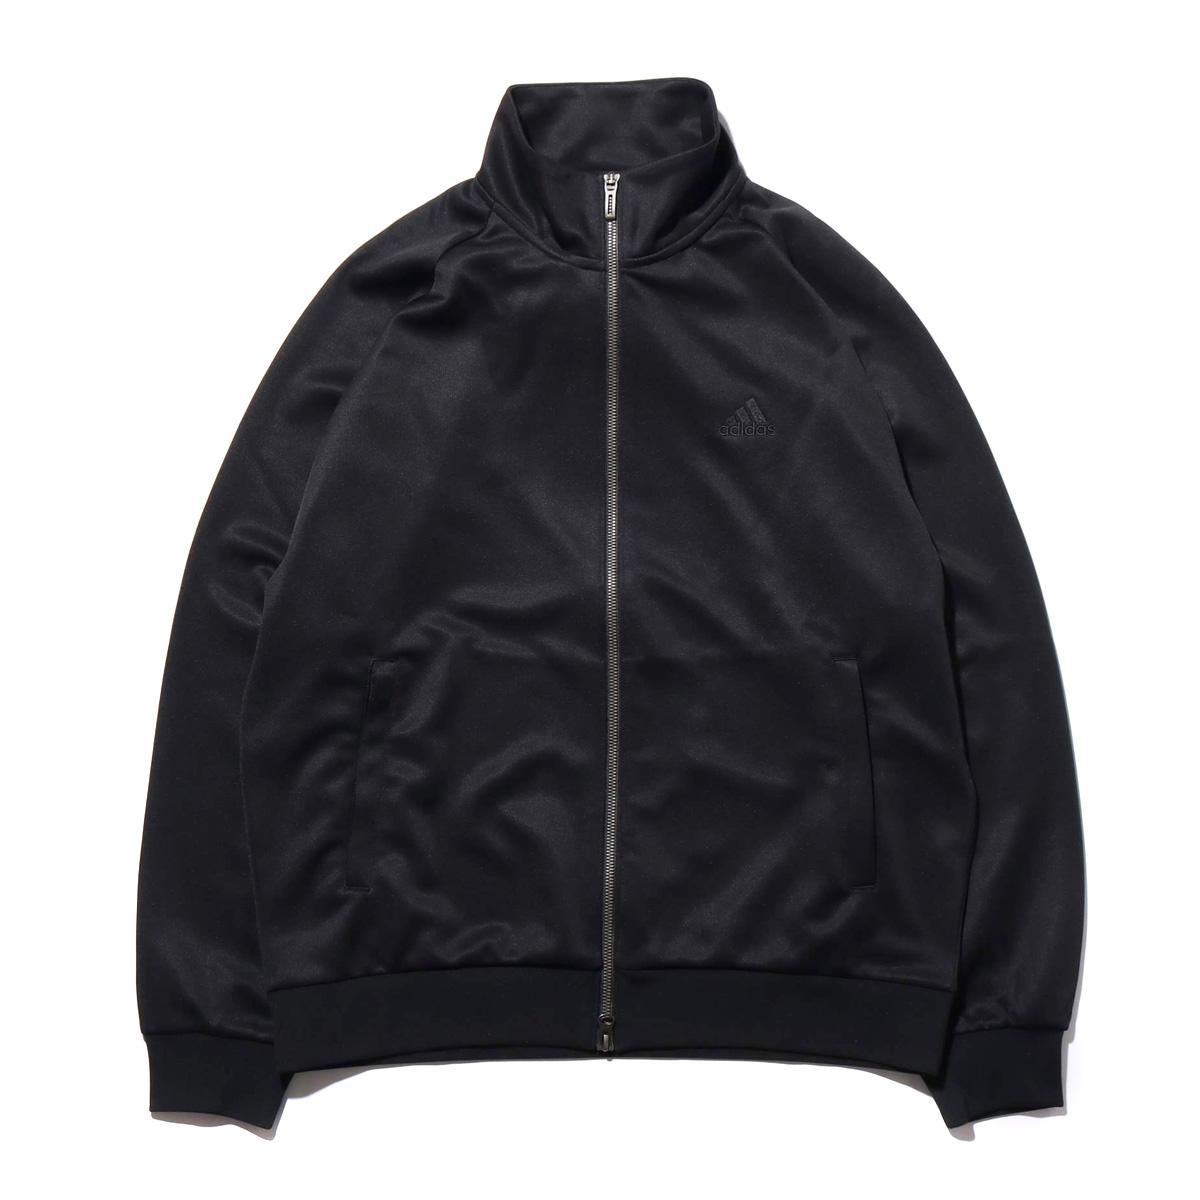 adidas M WU JK(BLACK)(アディダス M WU JK)【メンズ】【ジャケット】【18FW-S】